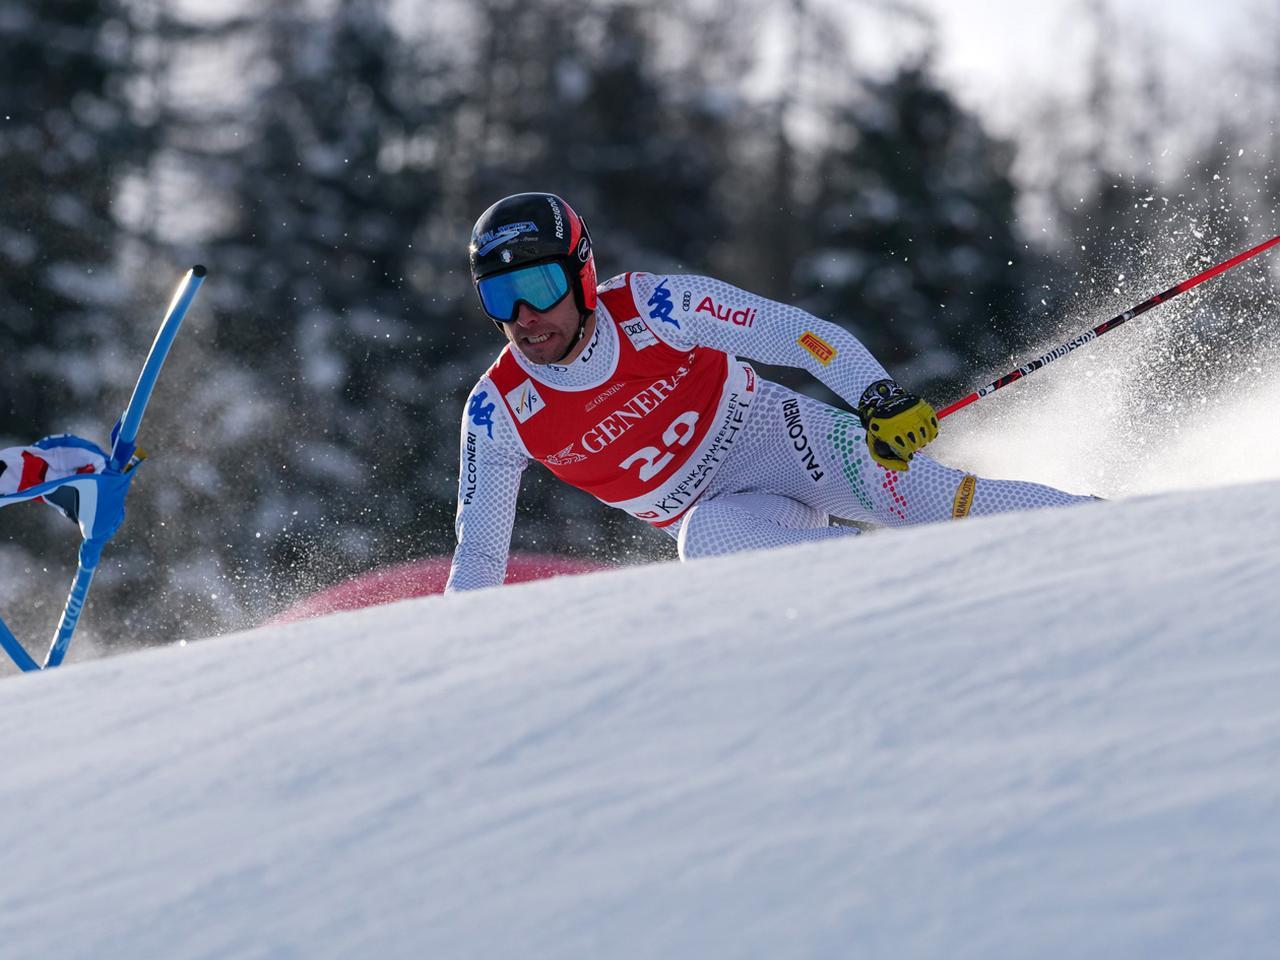 画像2: さぁ、スキーレースが始まれば被写体(レーサー)をどのように捉えるかに集中する。